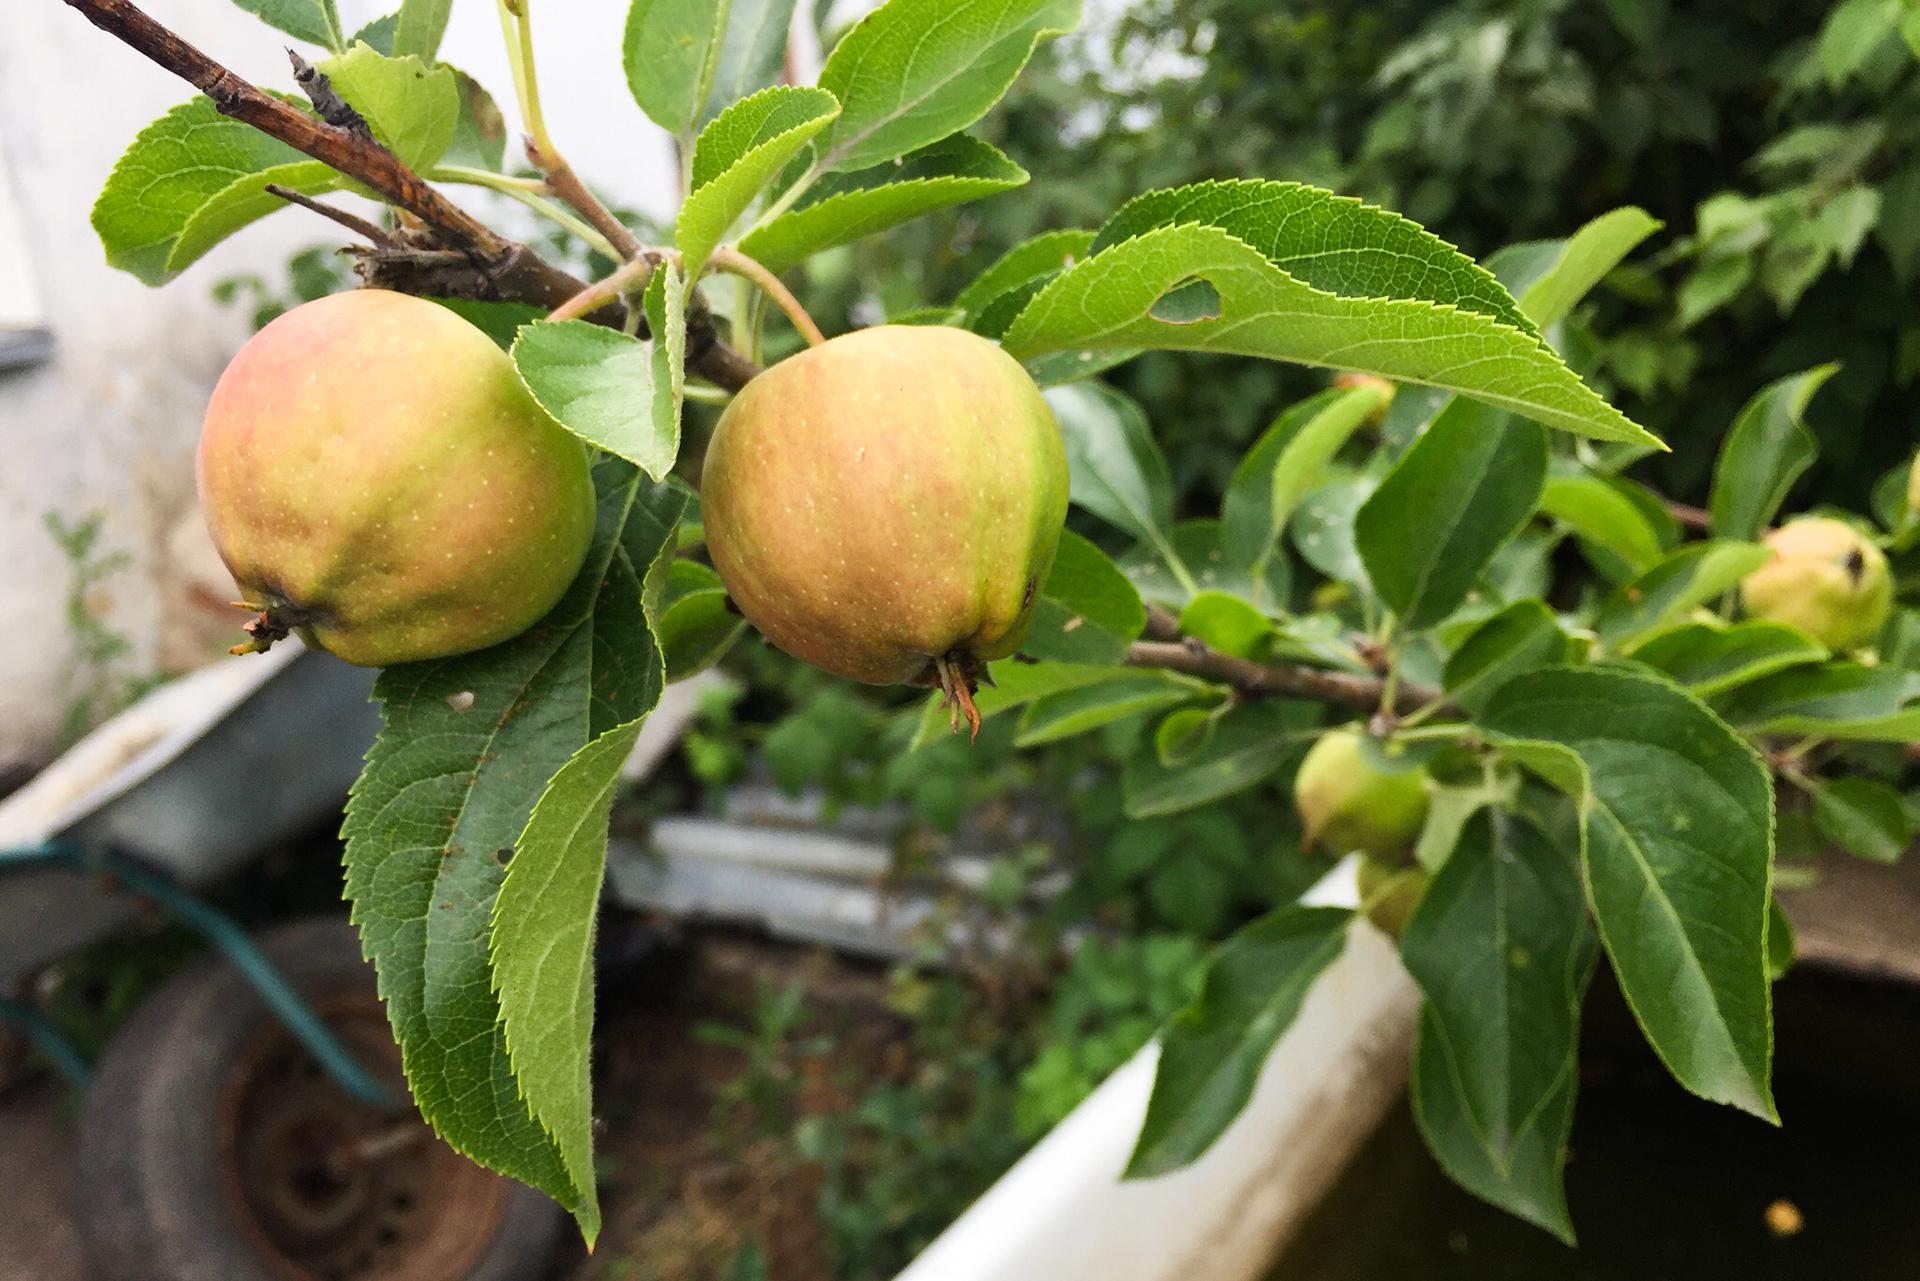 Примета: кидать яблоки в компотцеликом — к неприятному сюрпризу